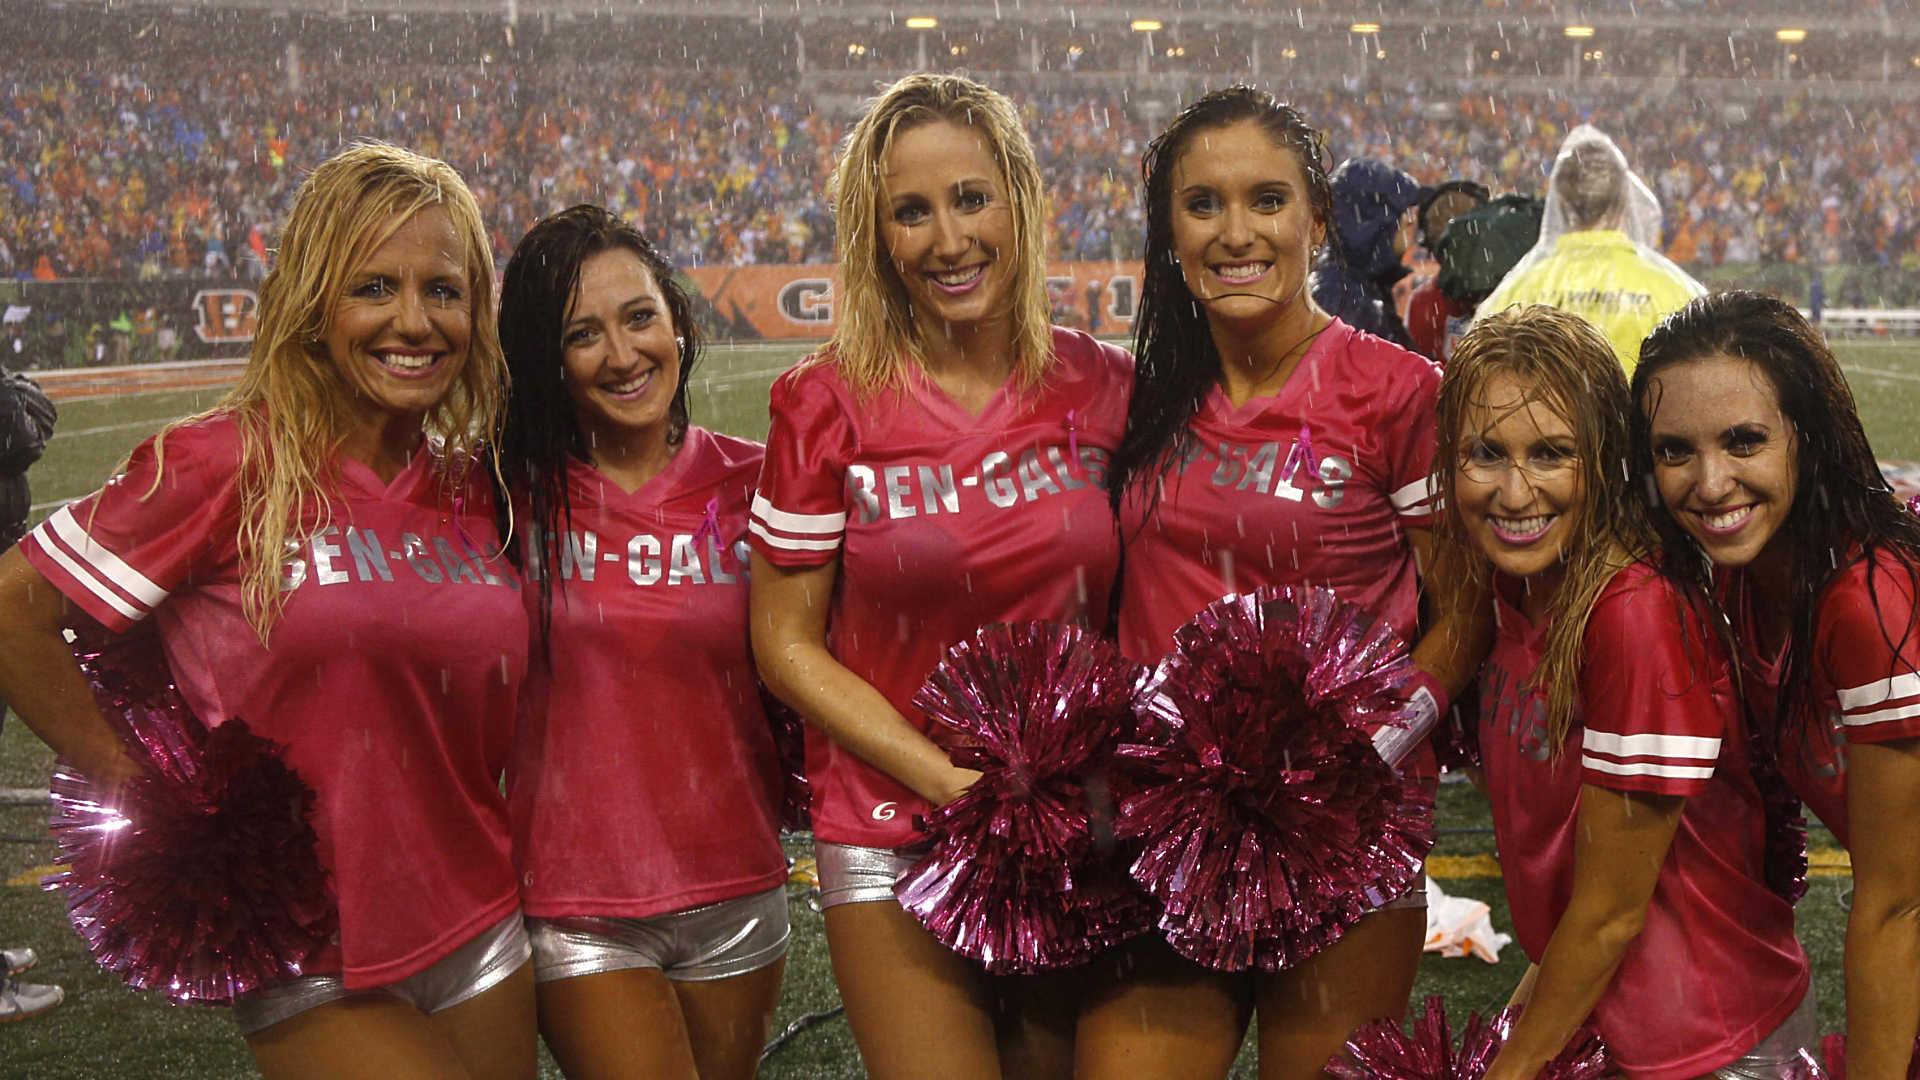 Bengals-cheerleaders-021314-AP-FTR